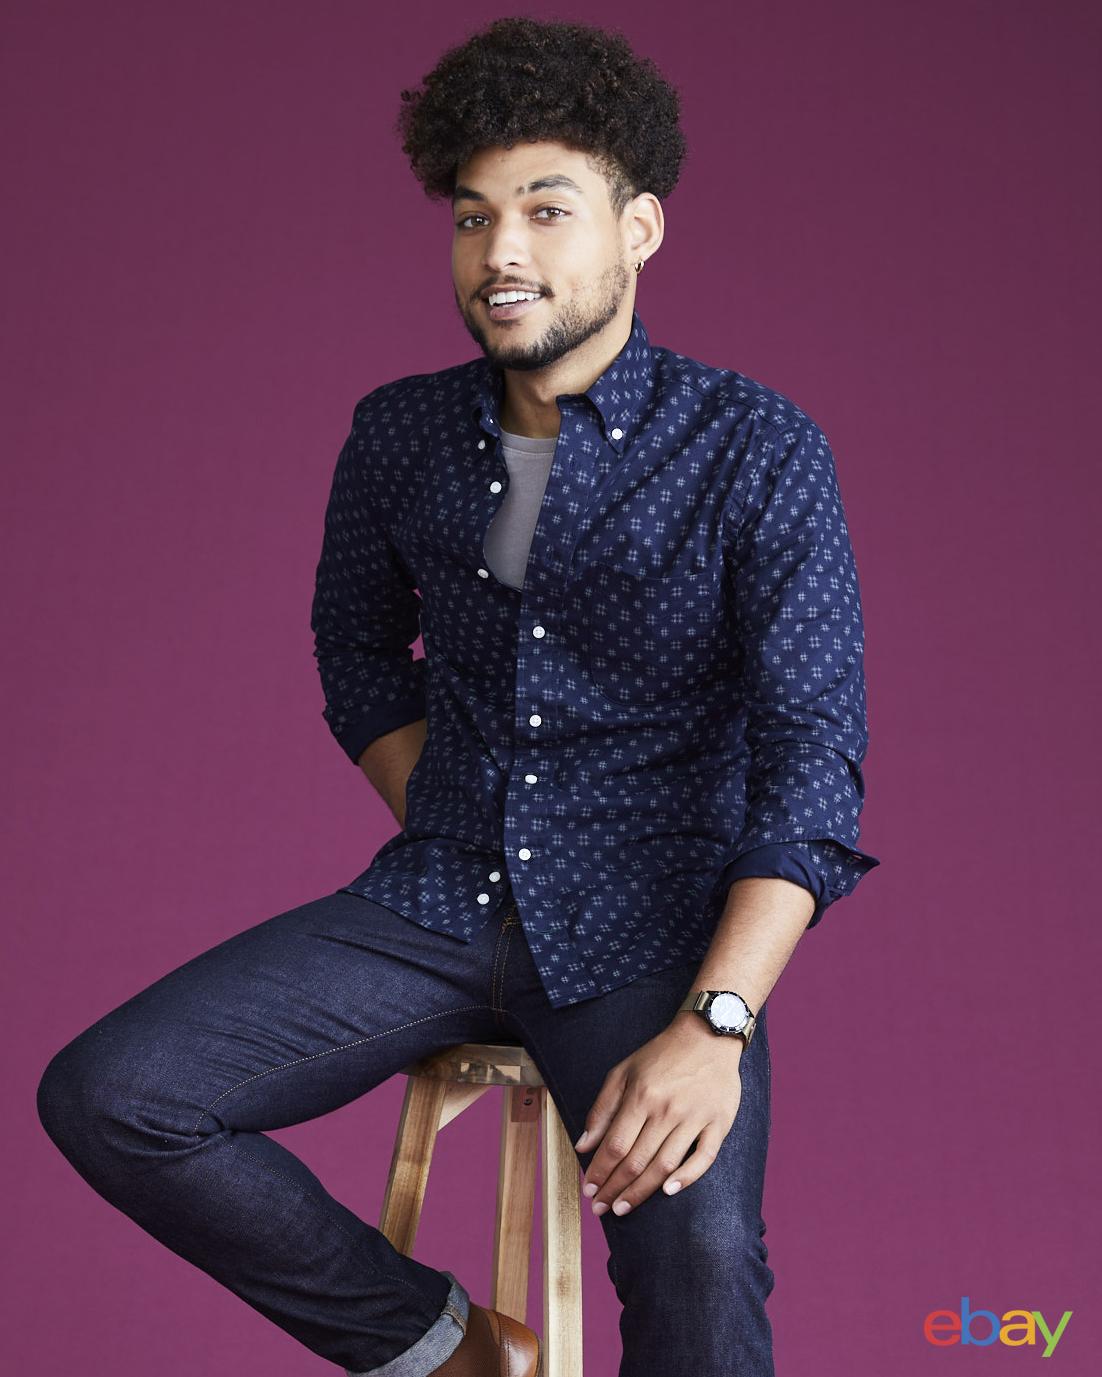 EBAY_Fashion_PreFall_Clothing_Men_A_204 copy copy.jpg